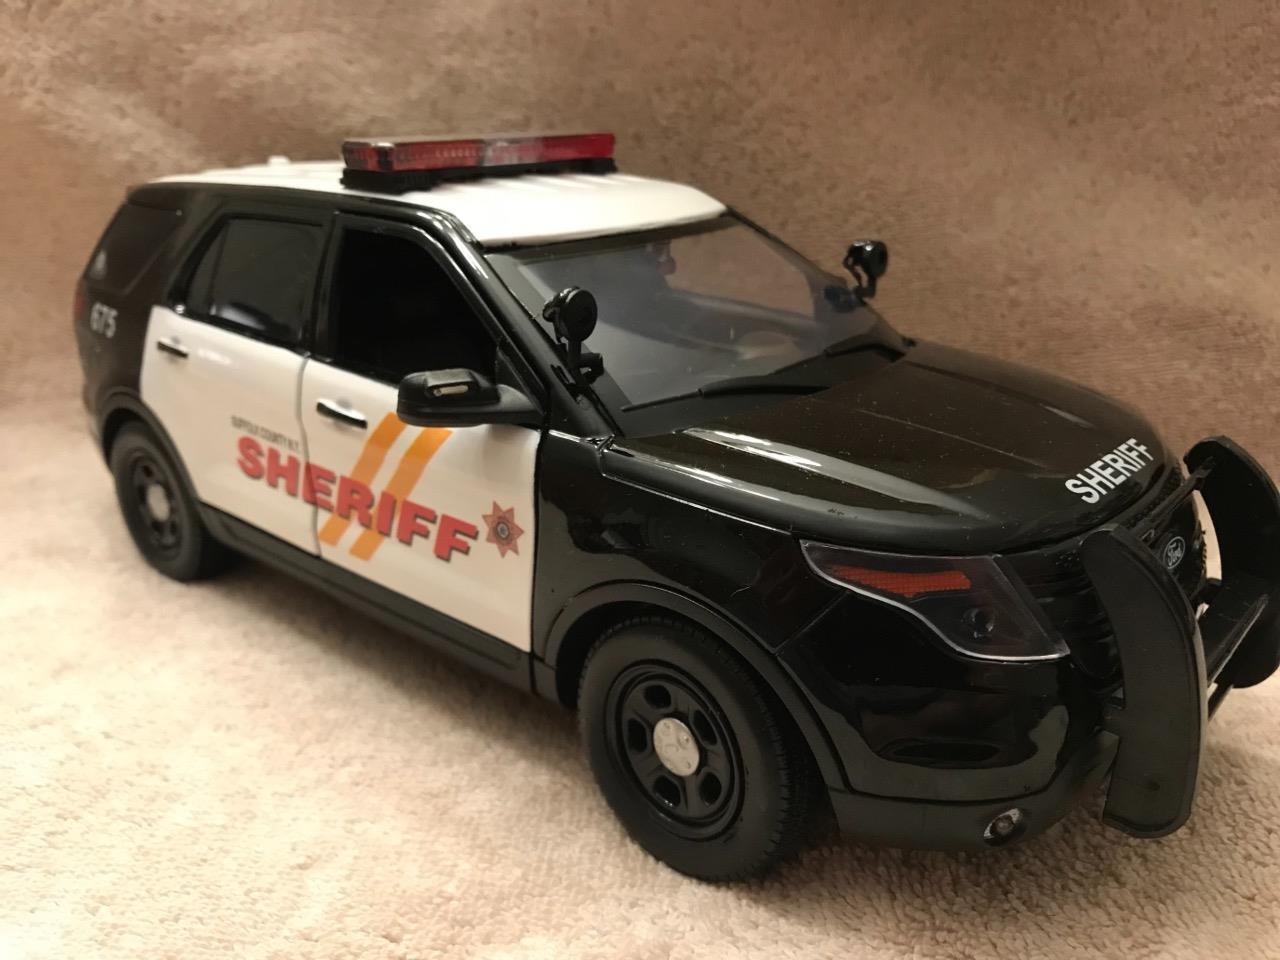 1/18 escala Diecast Suffolk país New York Sheriff Ford Sport Utility Vehicle con luces y sirena en funcionamiento